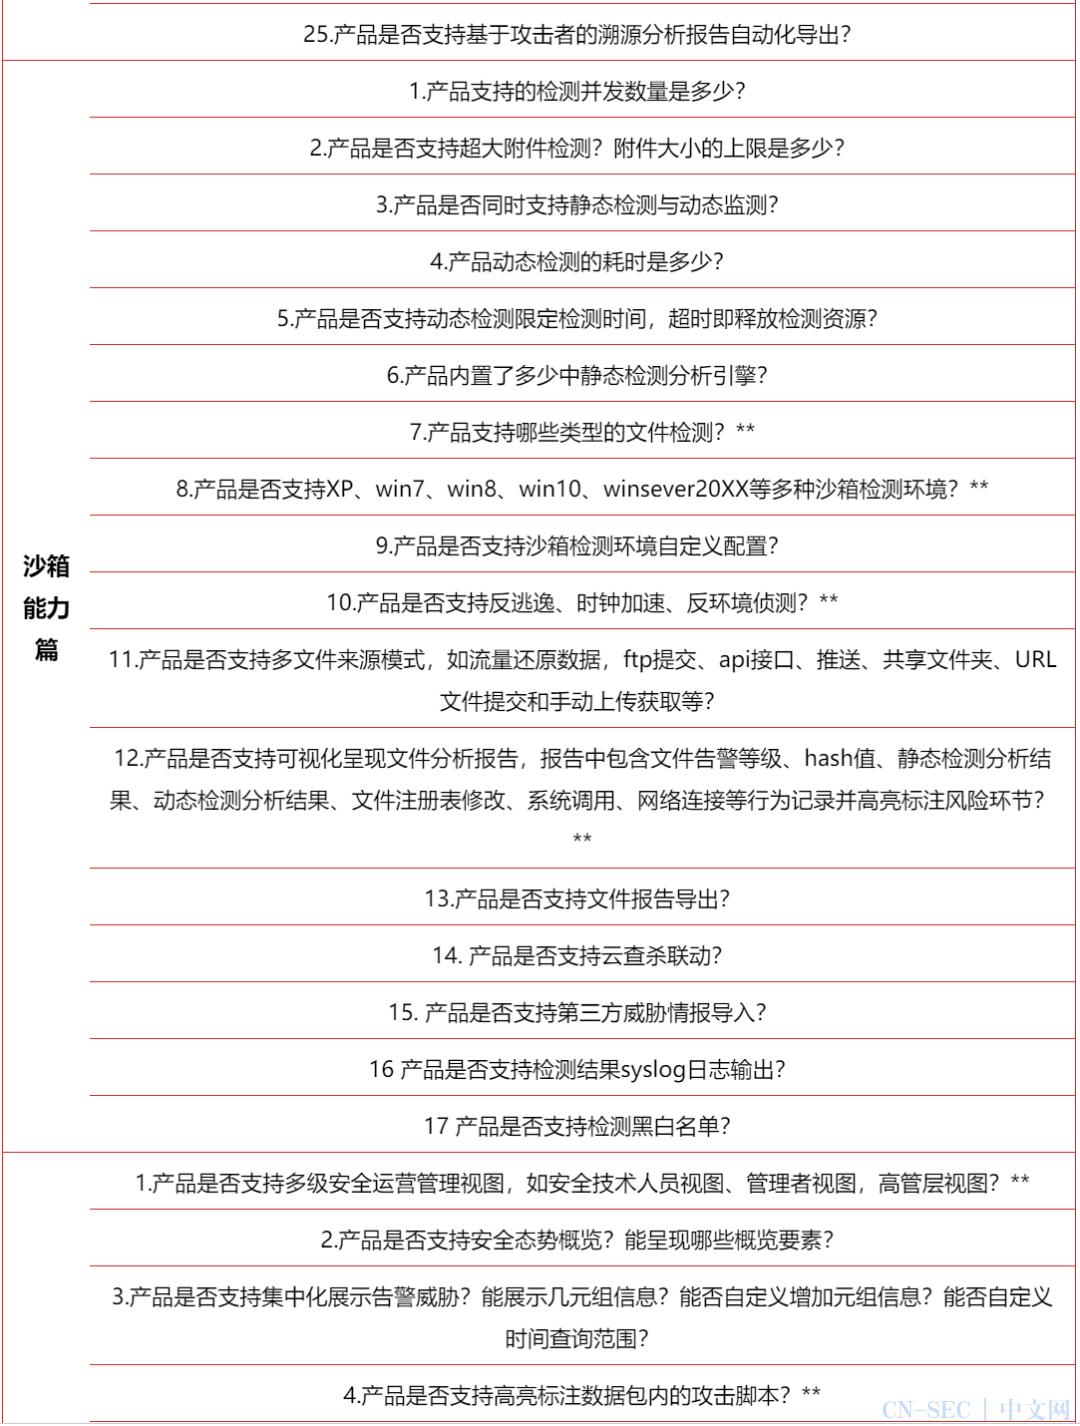 征文 | 杨博涵:浅谈全流量安全分析系统POC测试